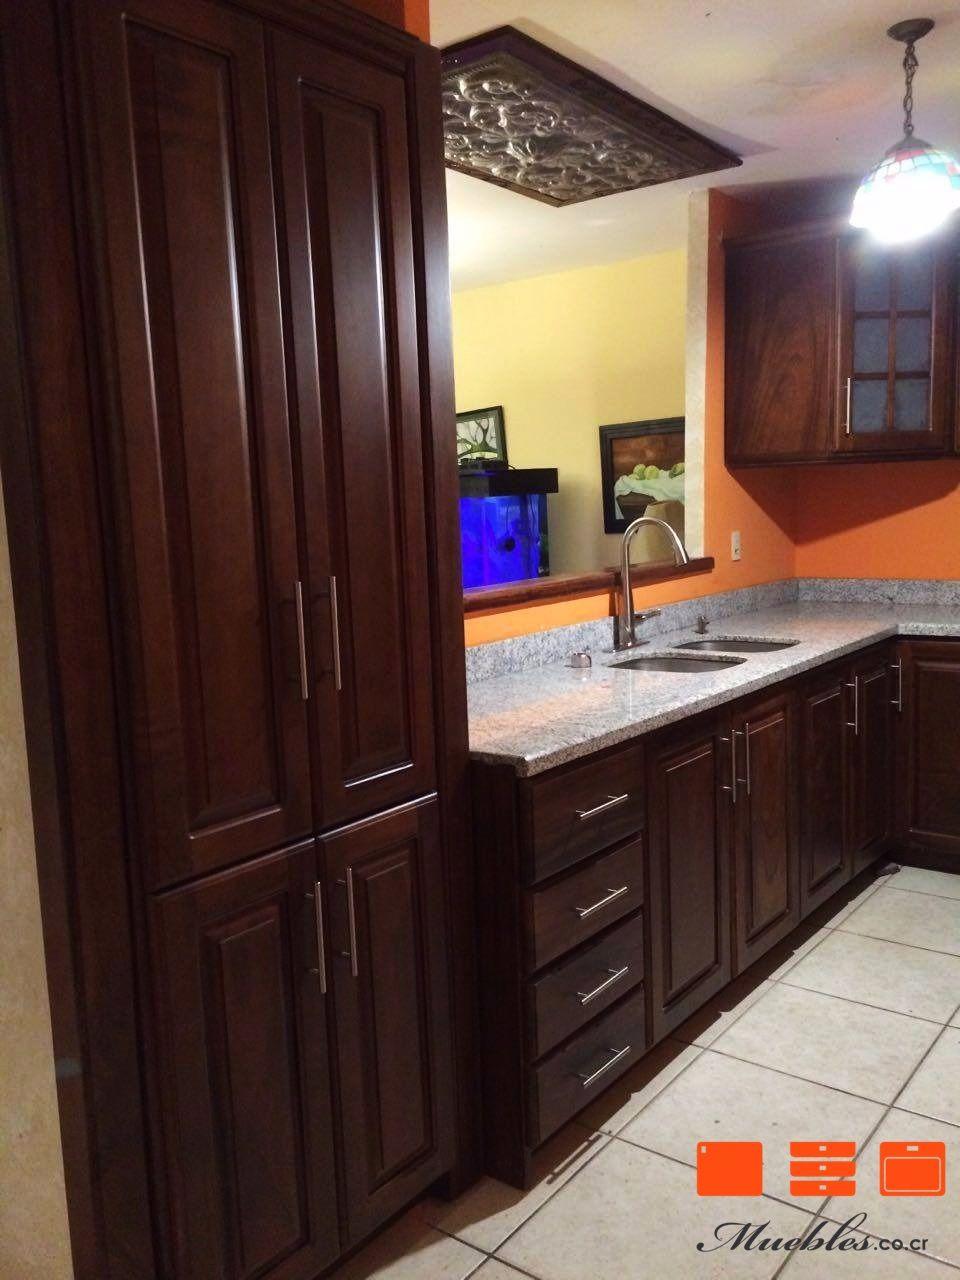 Mueble de cocina con refrigerador, pileta y cocina empotrados ...